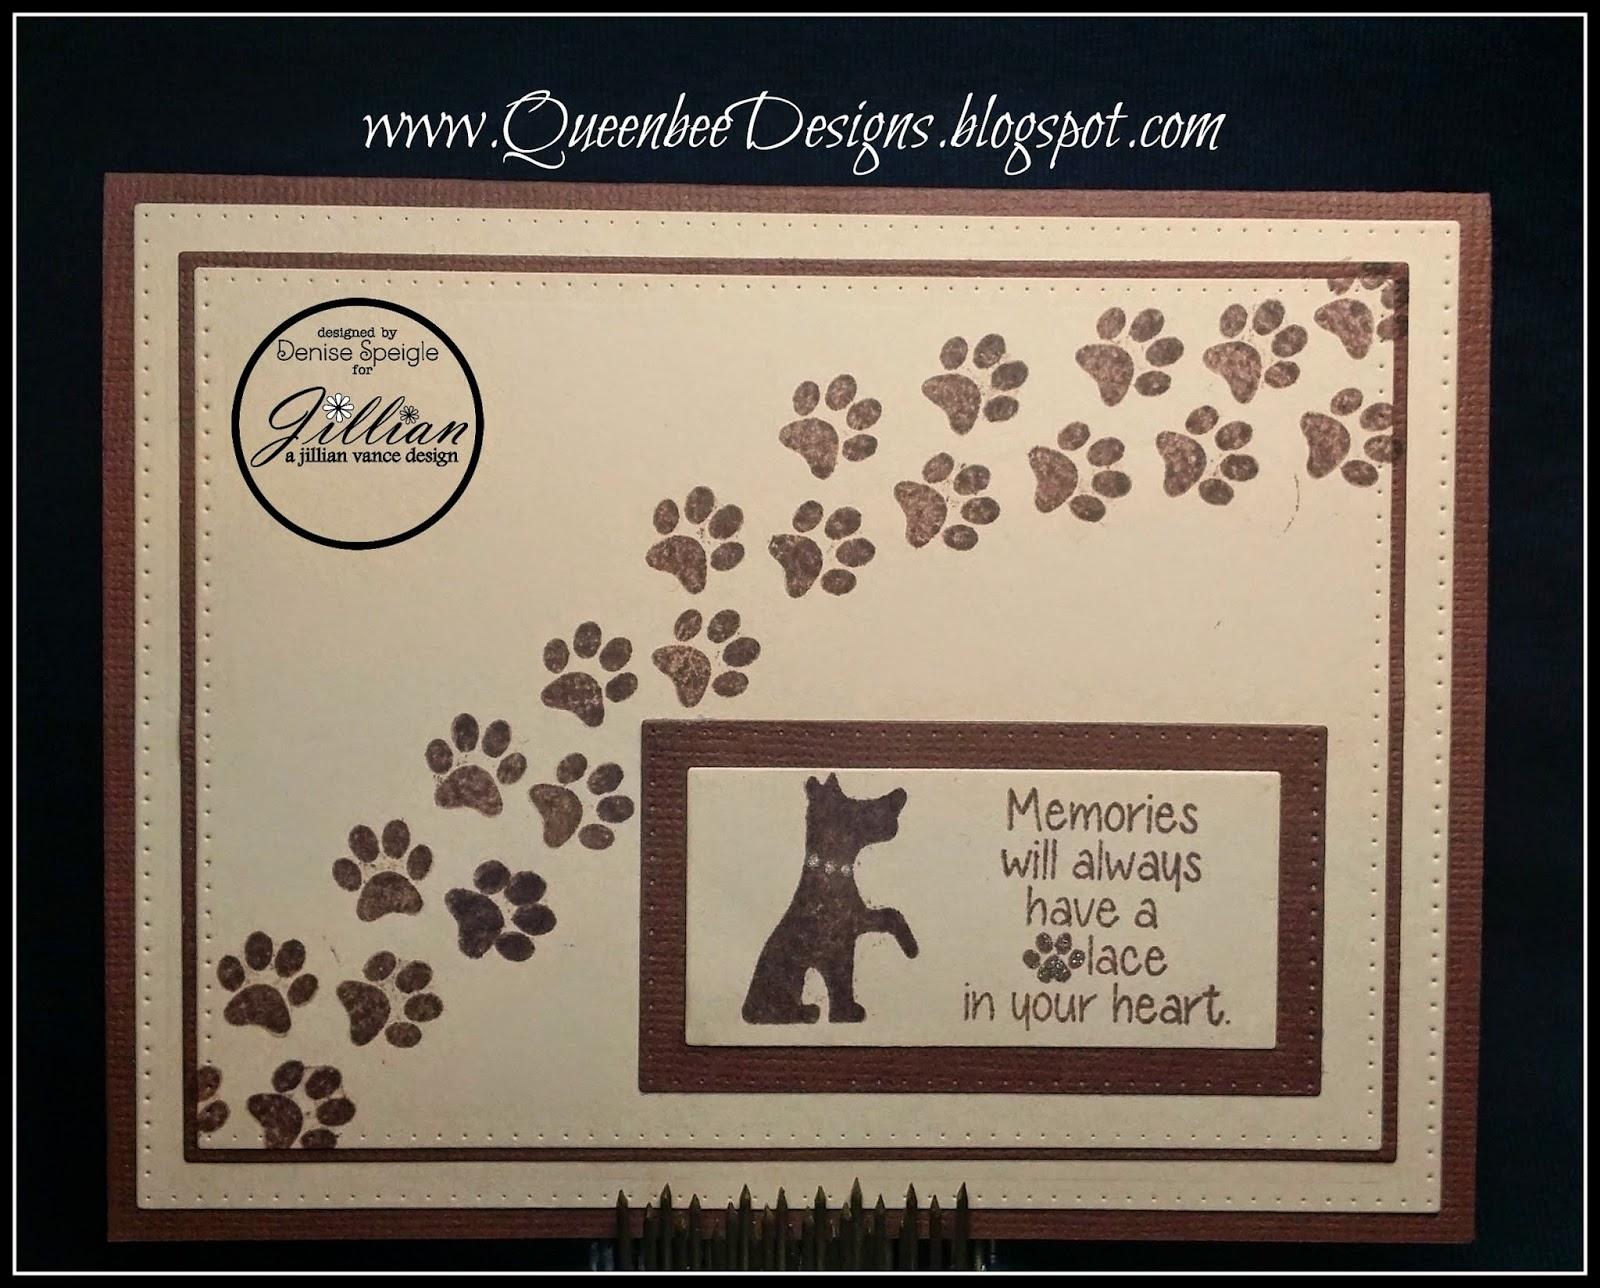 When A Dog Dies Quotes Quotesgram: Dog Condolence Quotes. QuotesGram